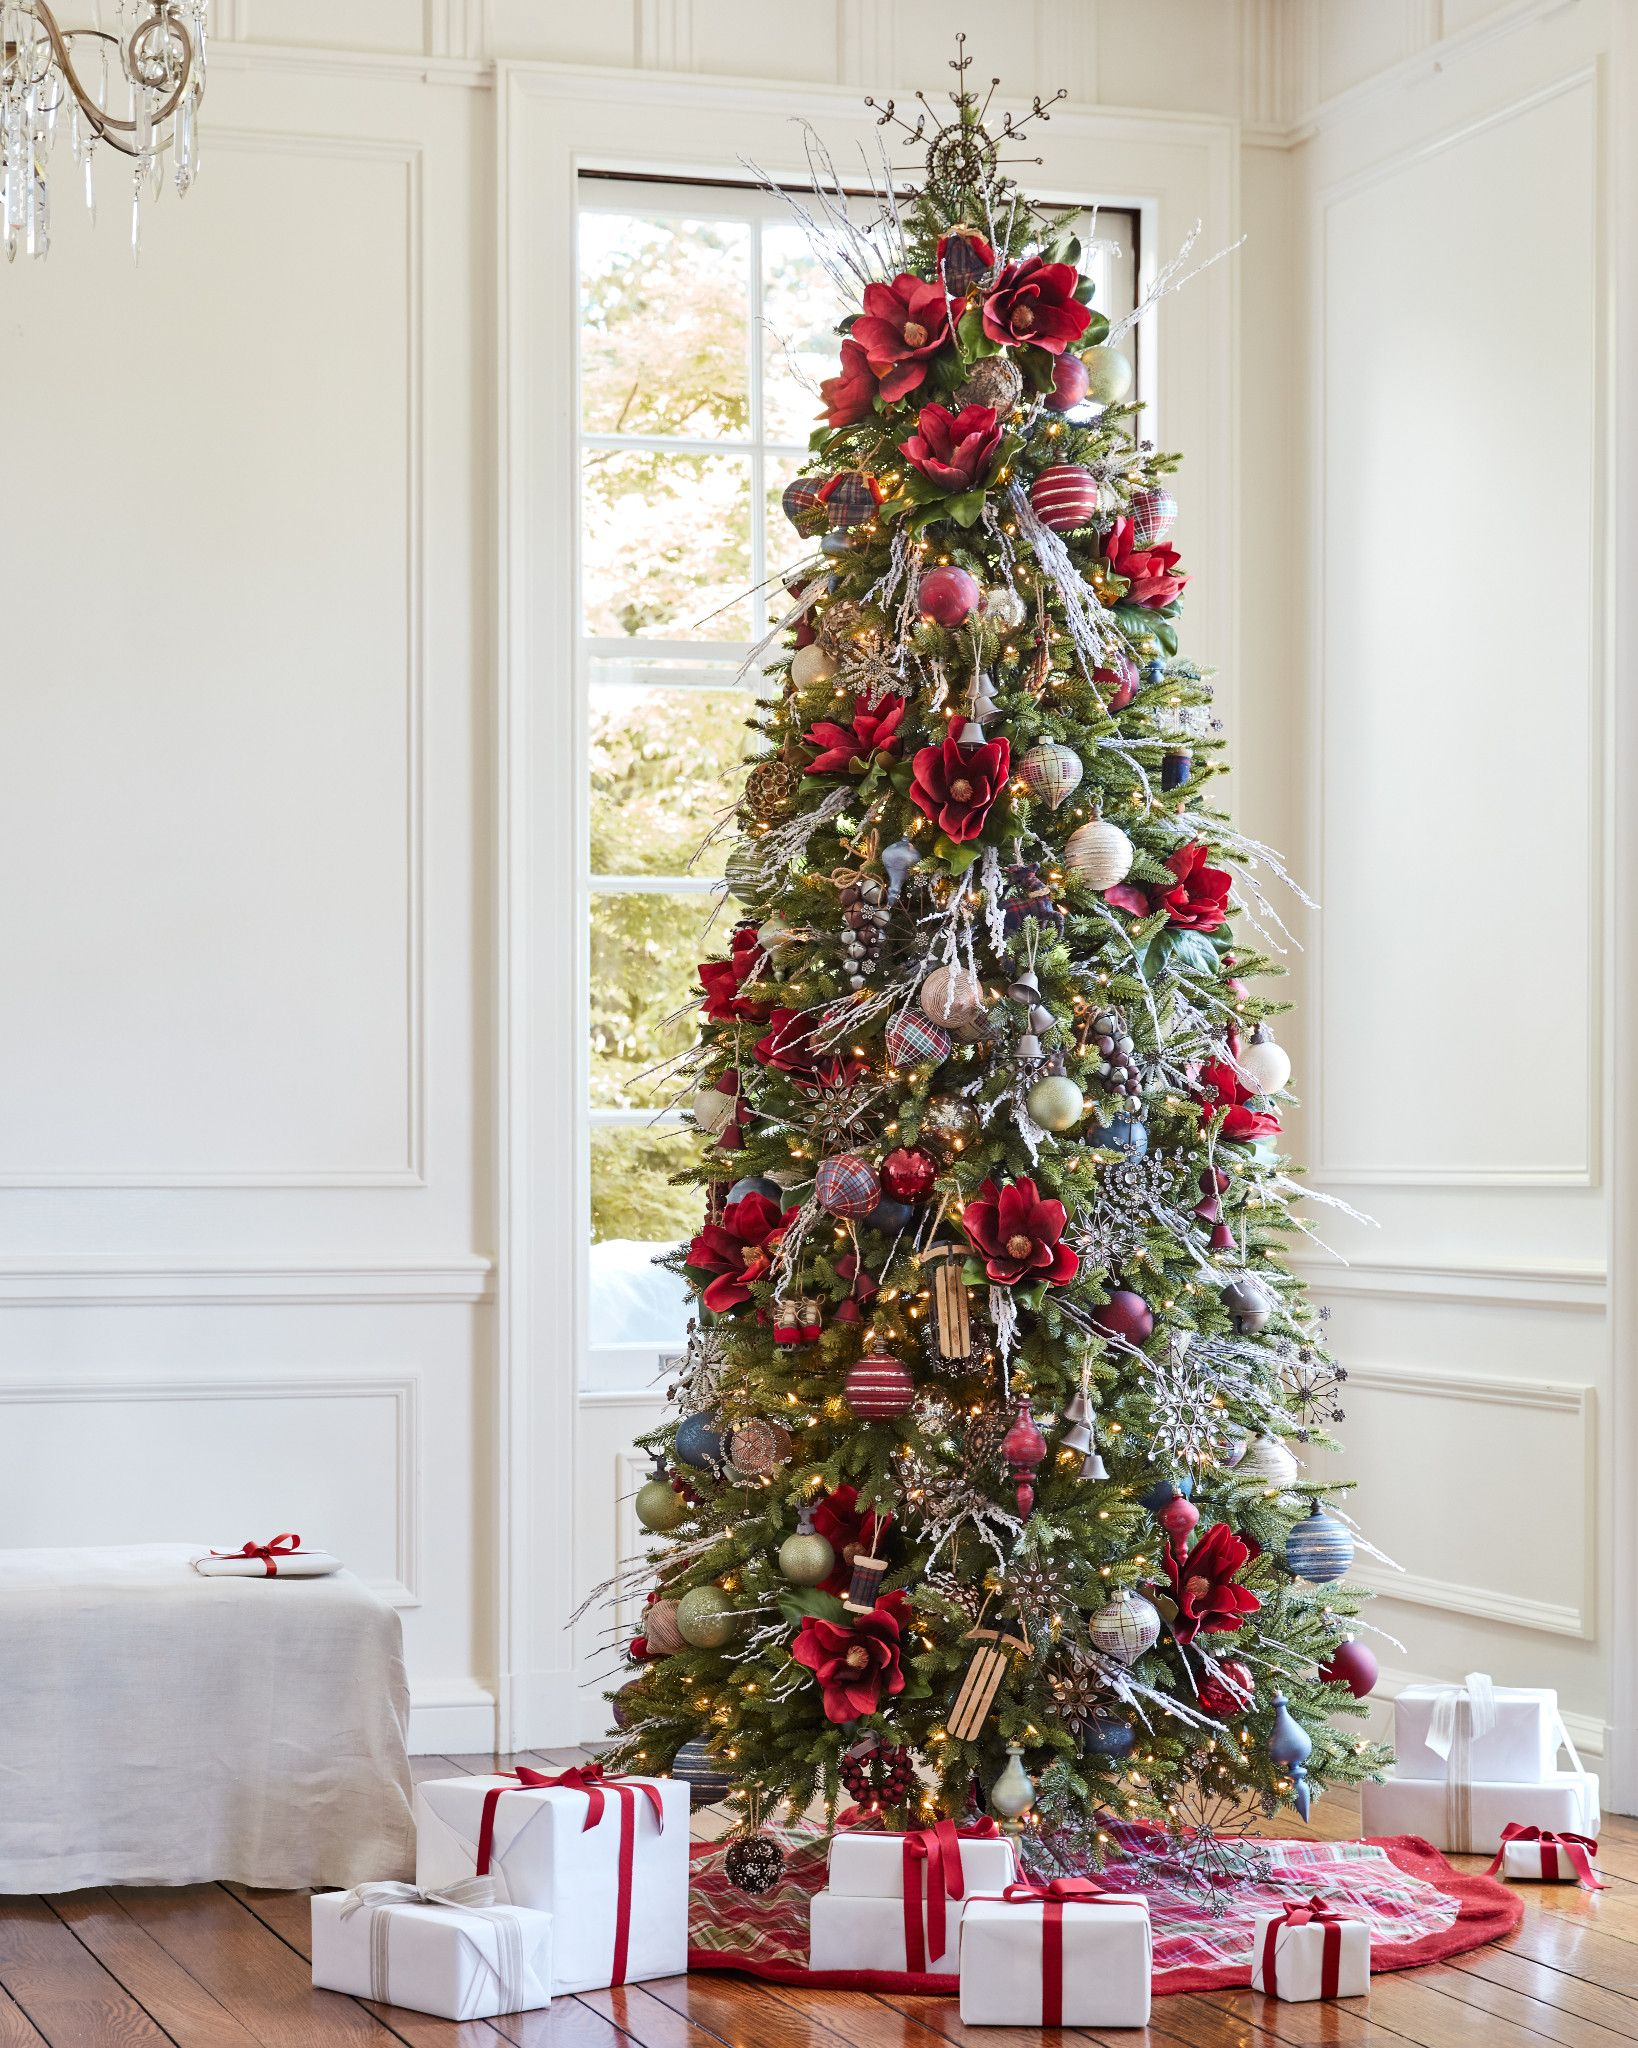 Silverado Slim Artificial Christmas Tree in home